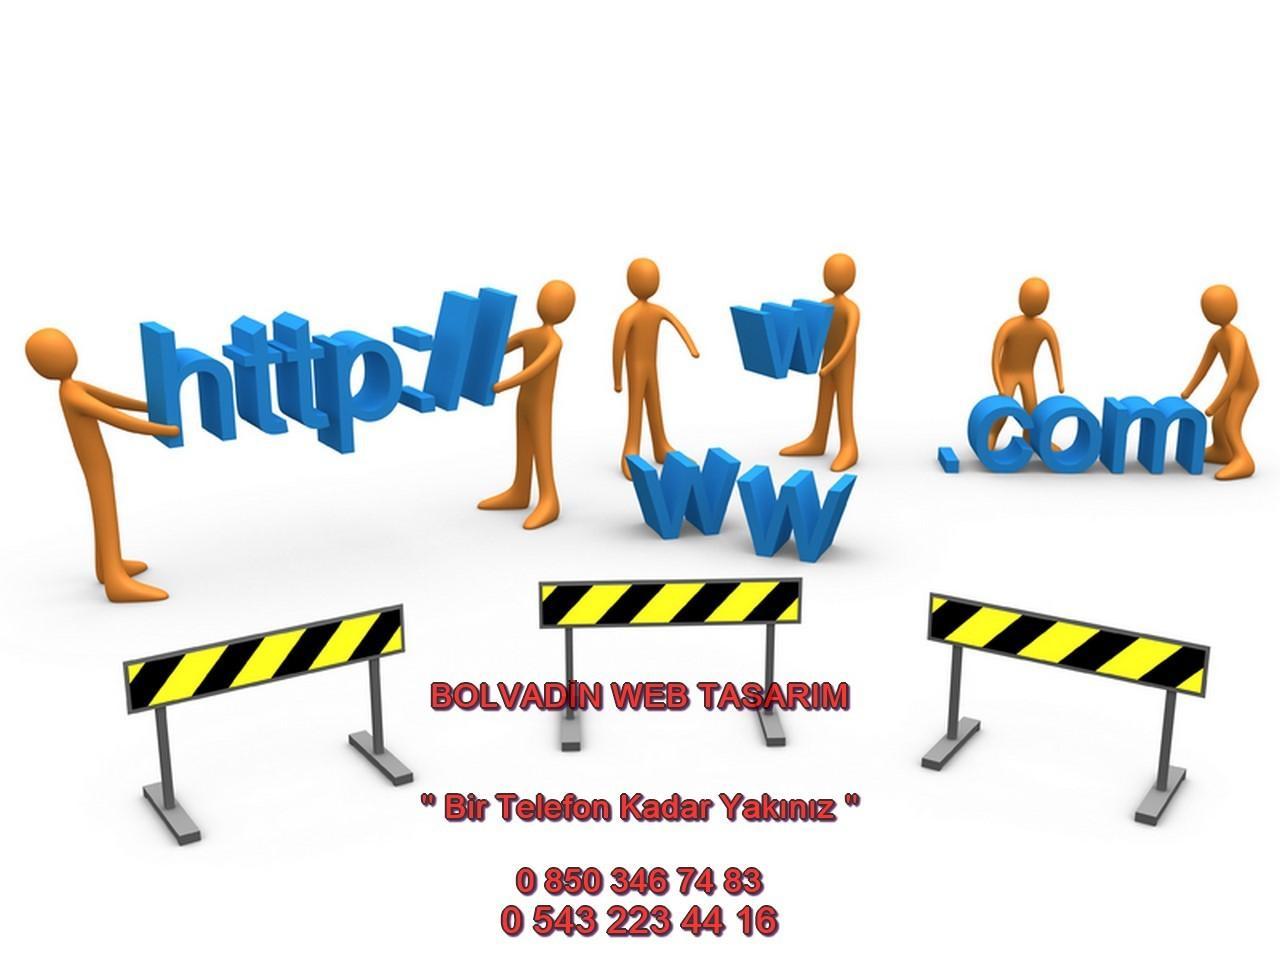 Boldavin Web Tasarım